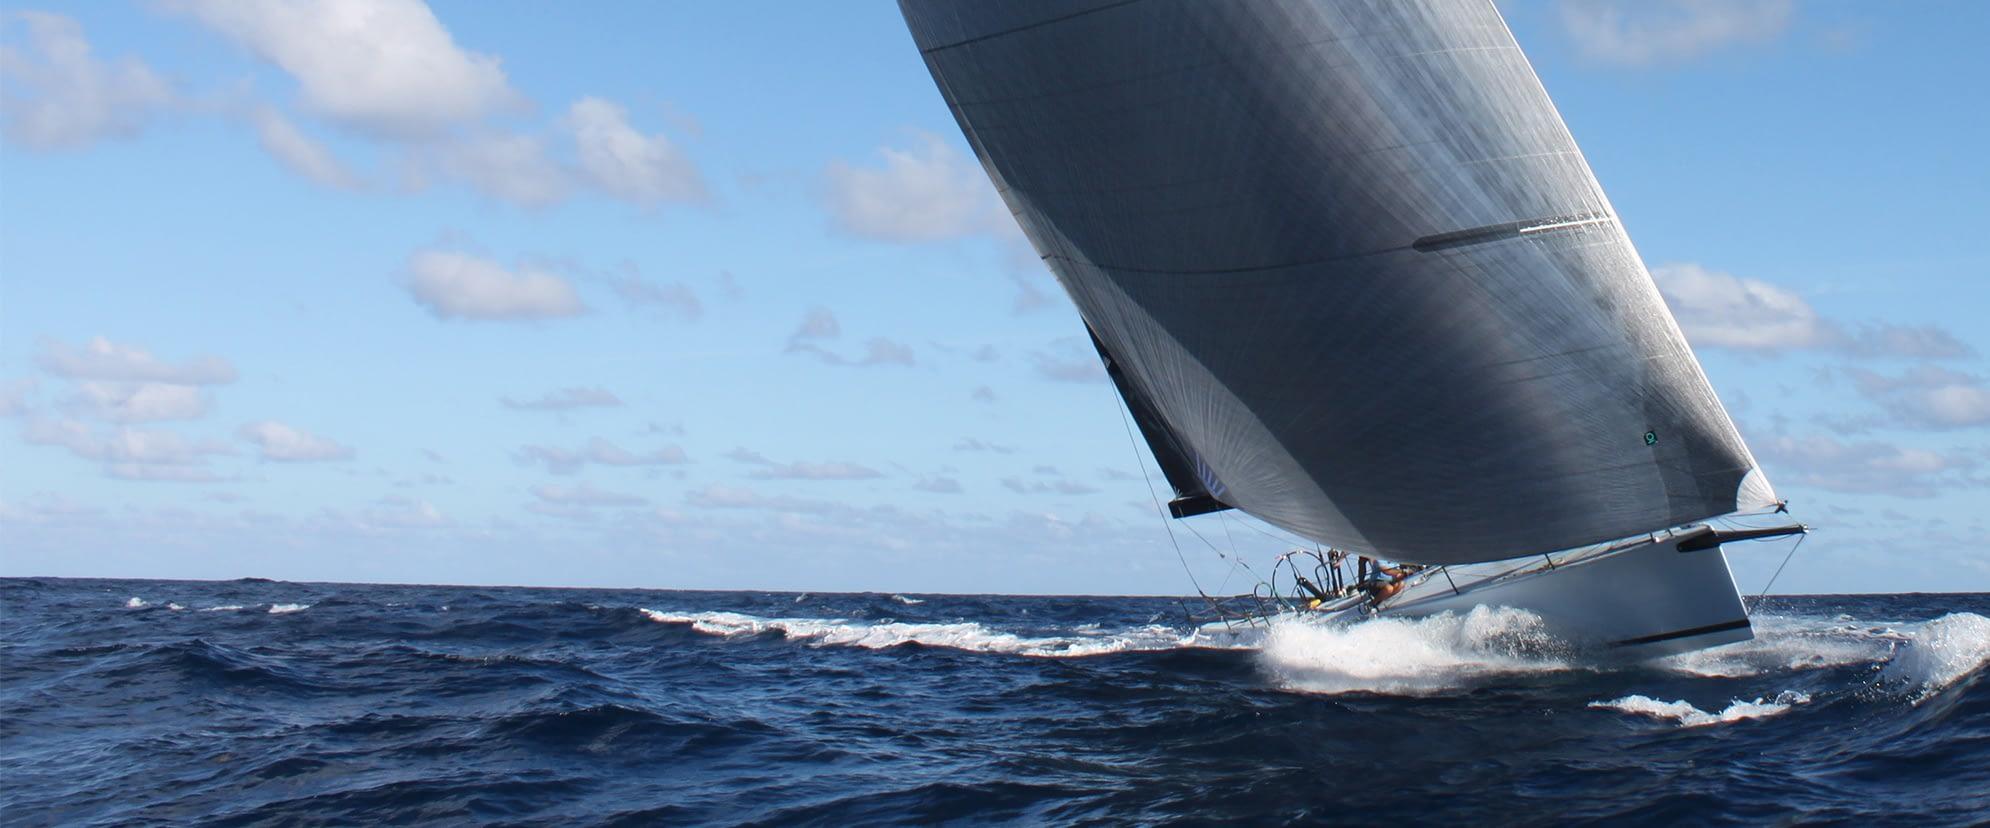 Code Zero xC Quantum sails